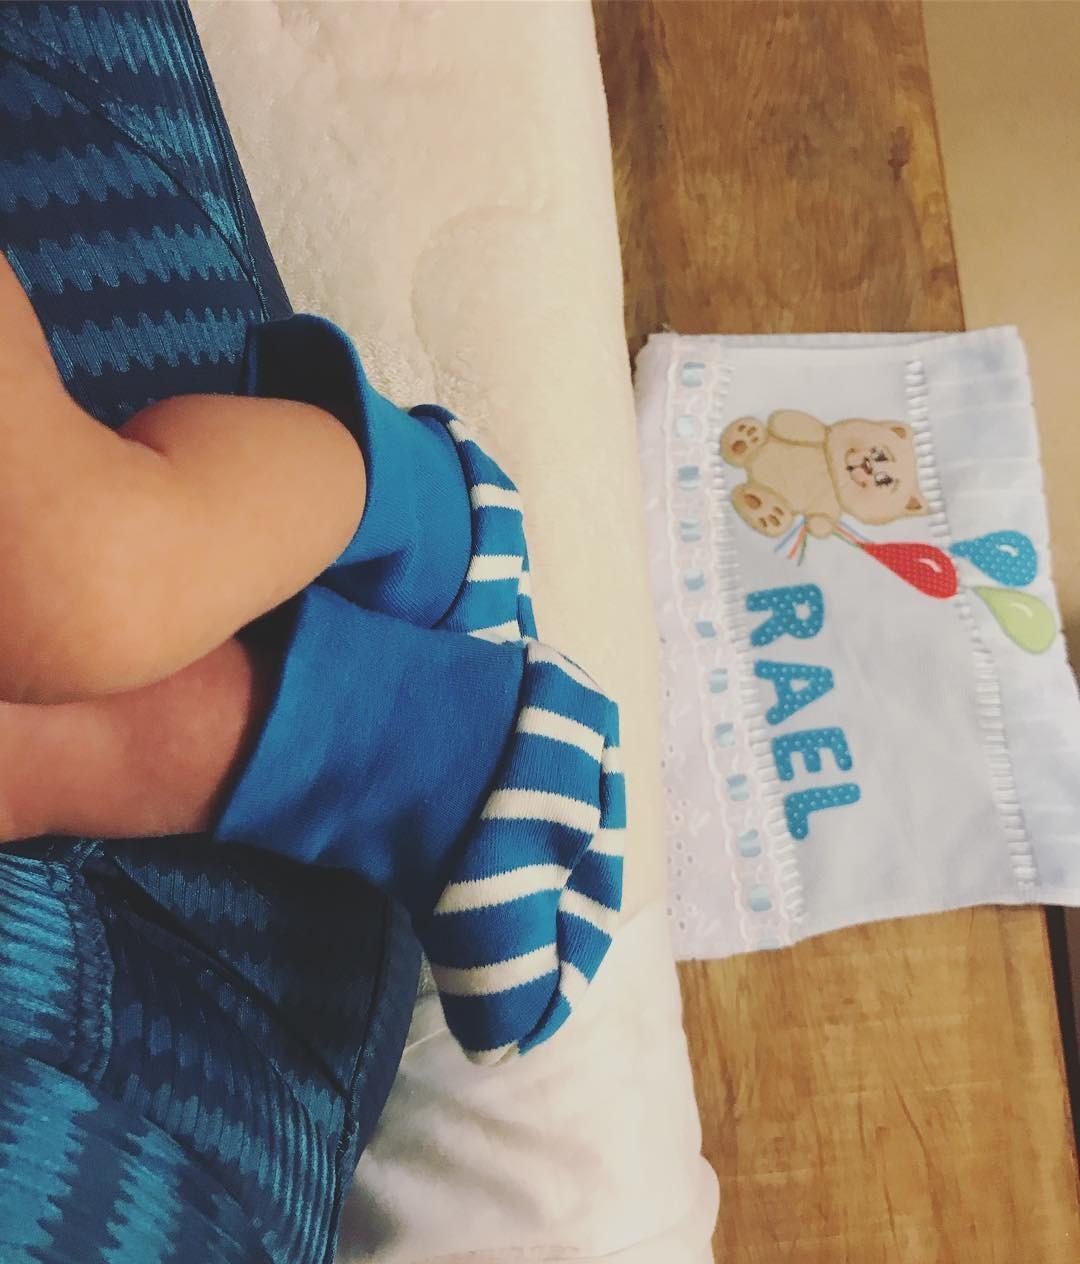 Os pés de Rael (Foto: Reprodução / Instagram)